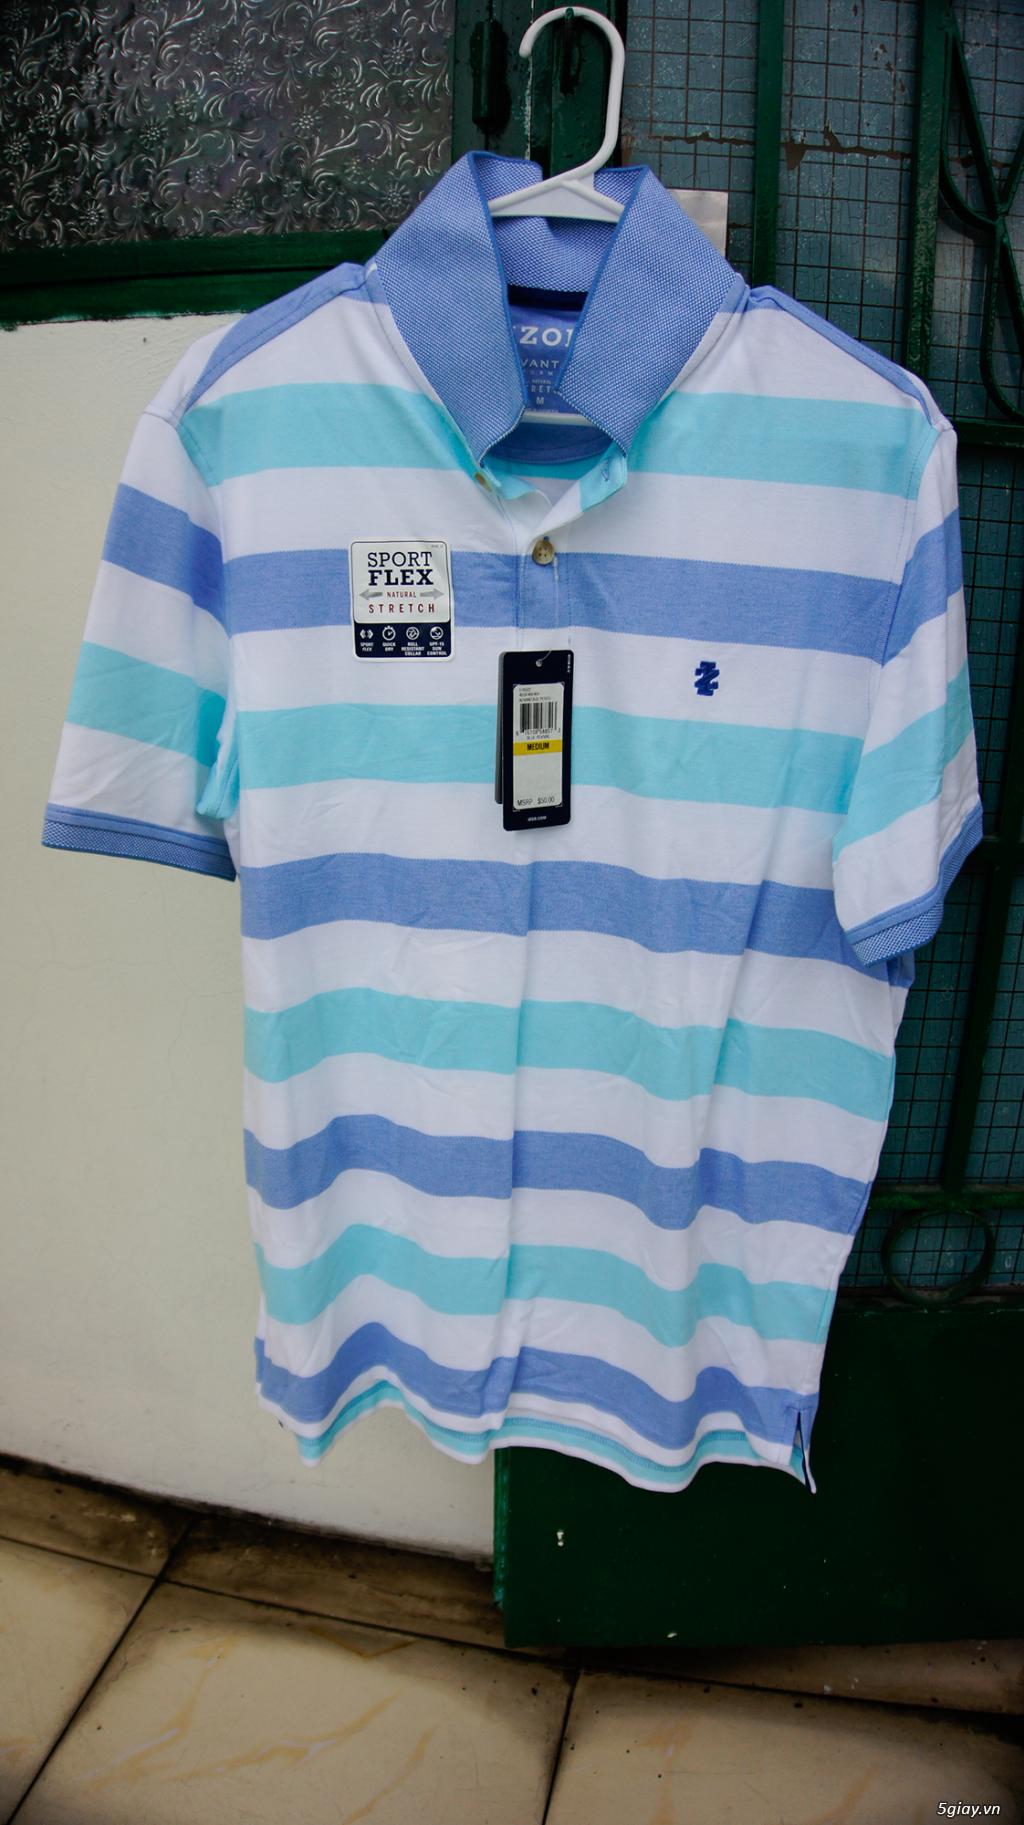 Bán 1 áo thun Izod hàng từ US giá <= 1/2!